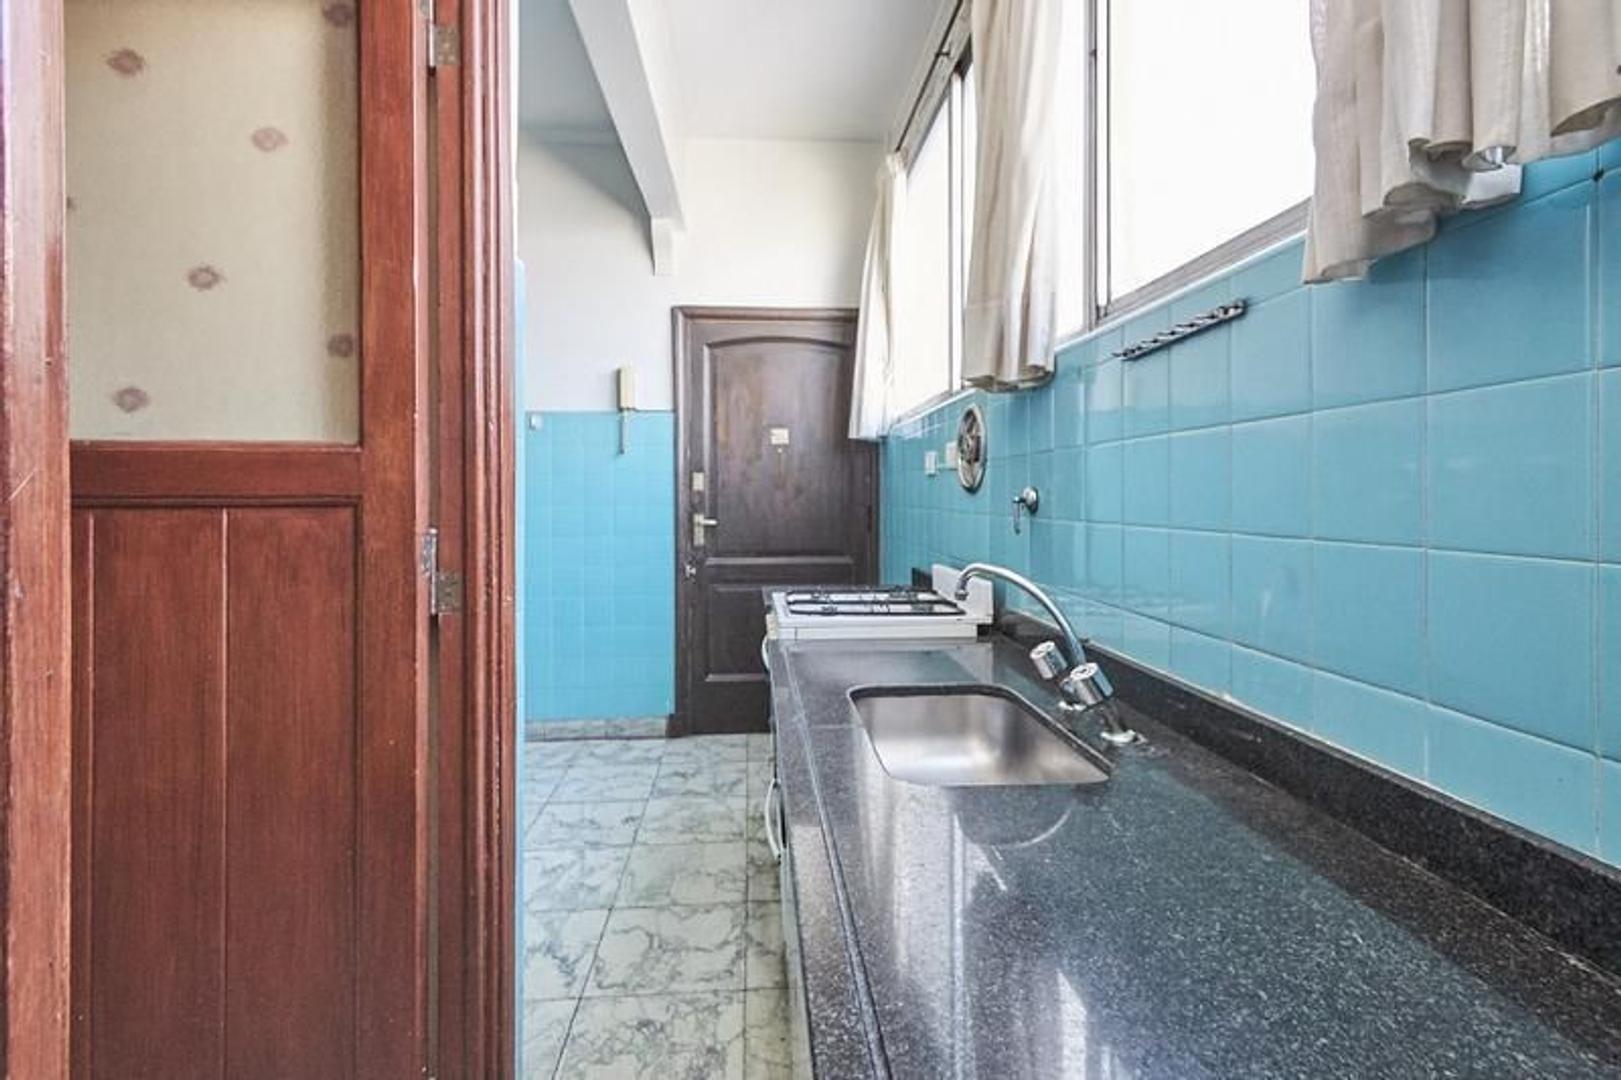 Departamento - 88 m² | 3 dormitorios | 100 años